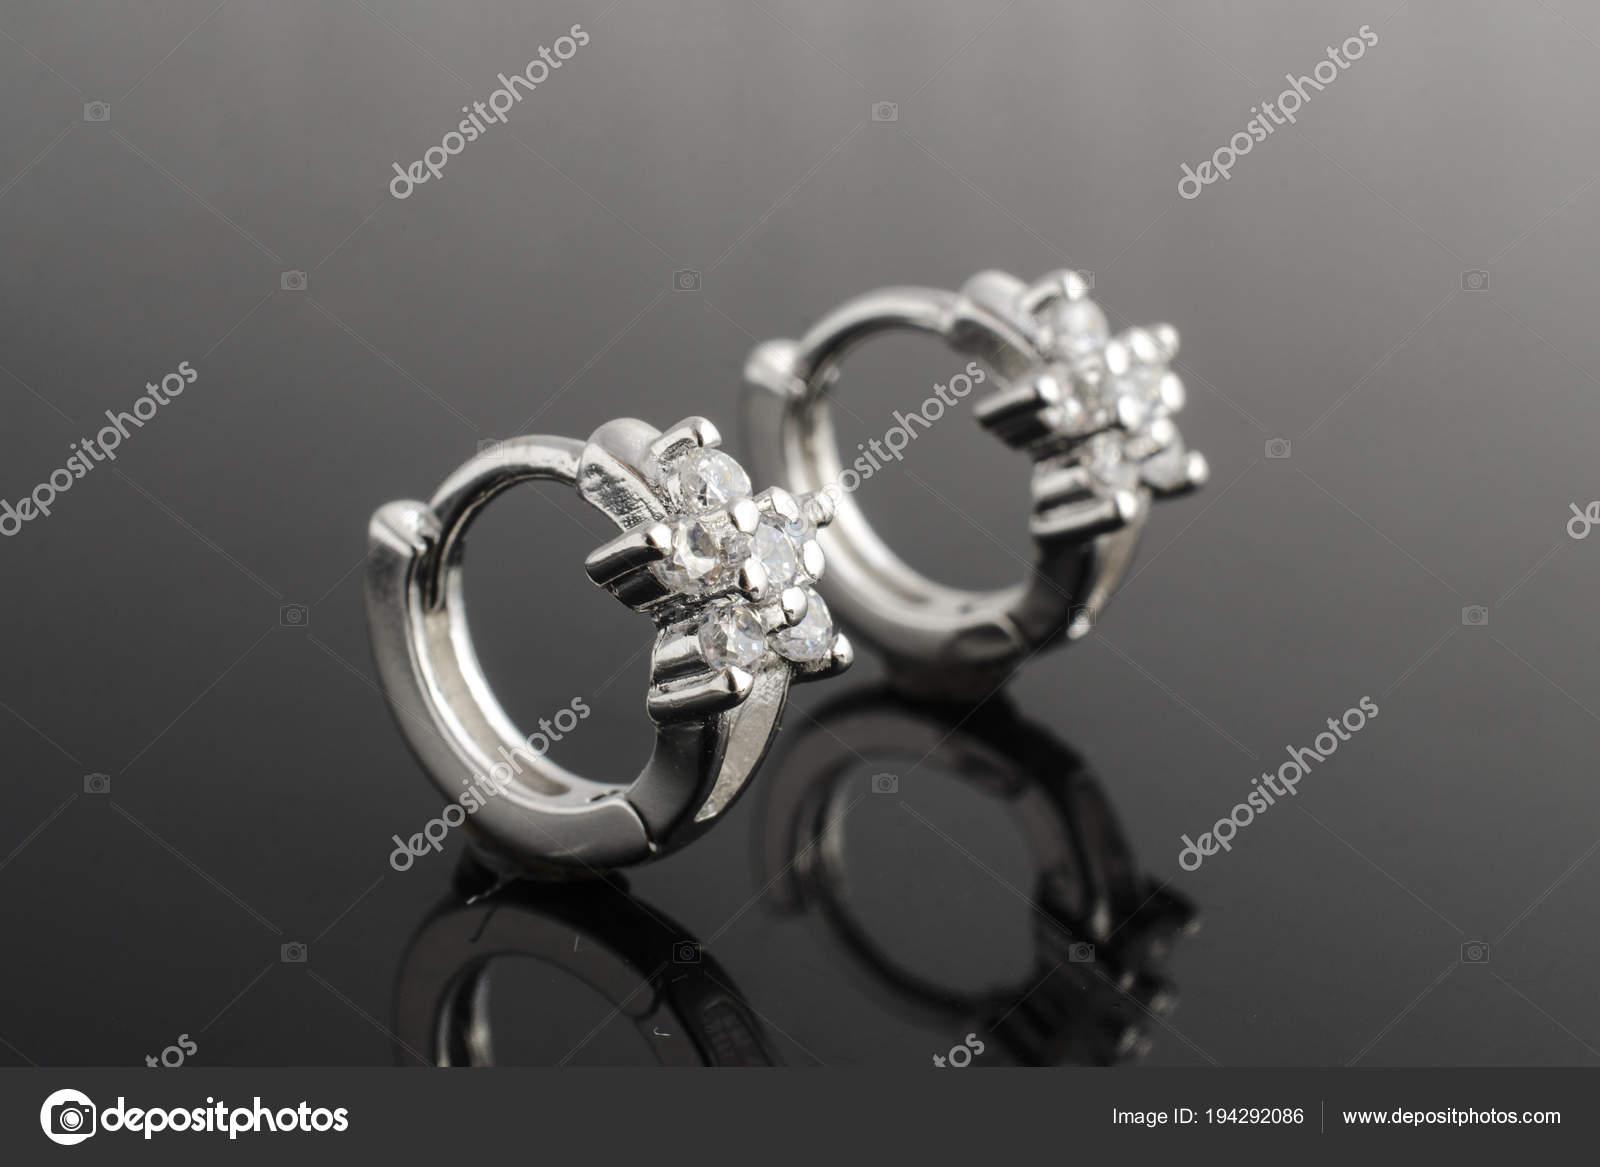 a654bdbc78 Ασημένια σκουλαρίκια με διαμάντια που απομονώνονται σε μαύρο– εικόνα αρχείου